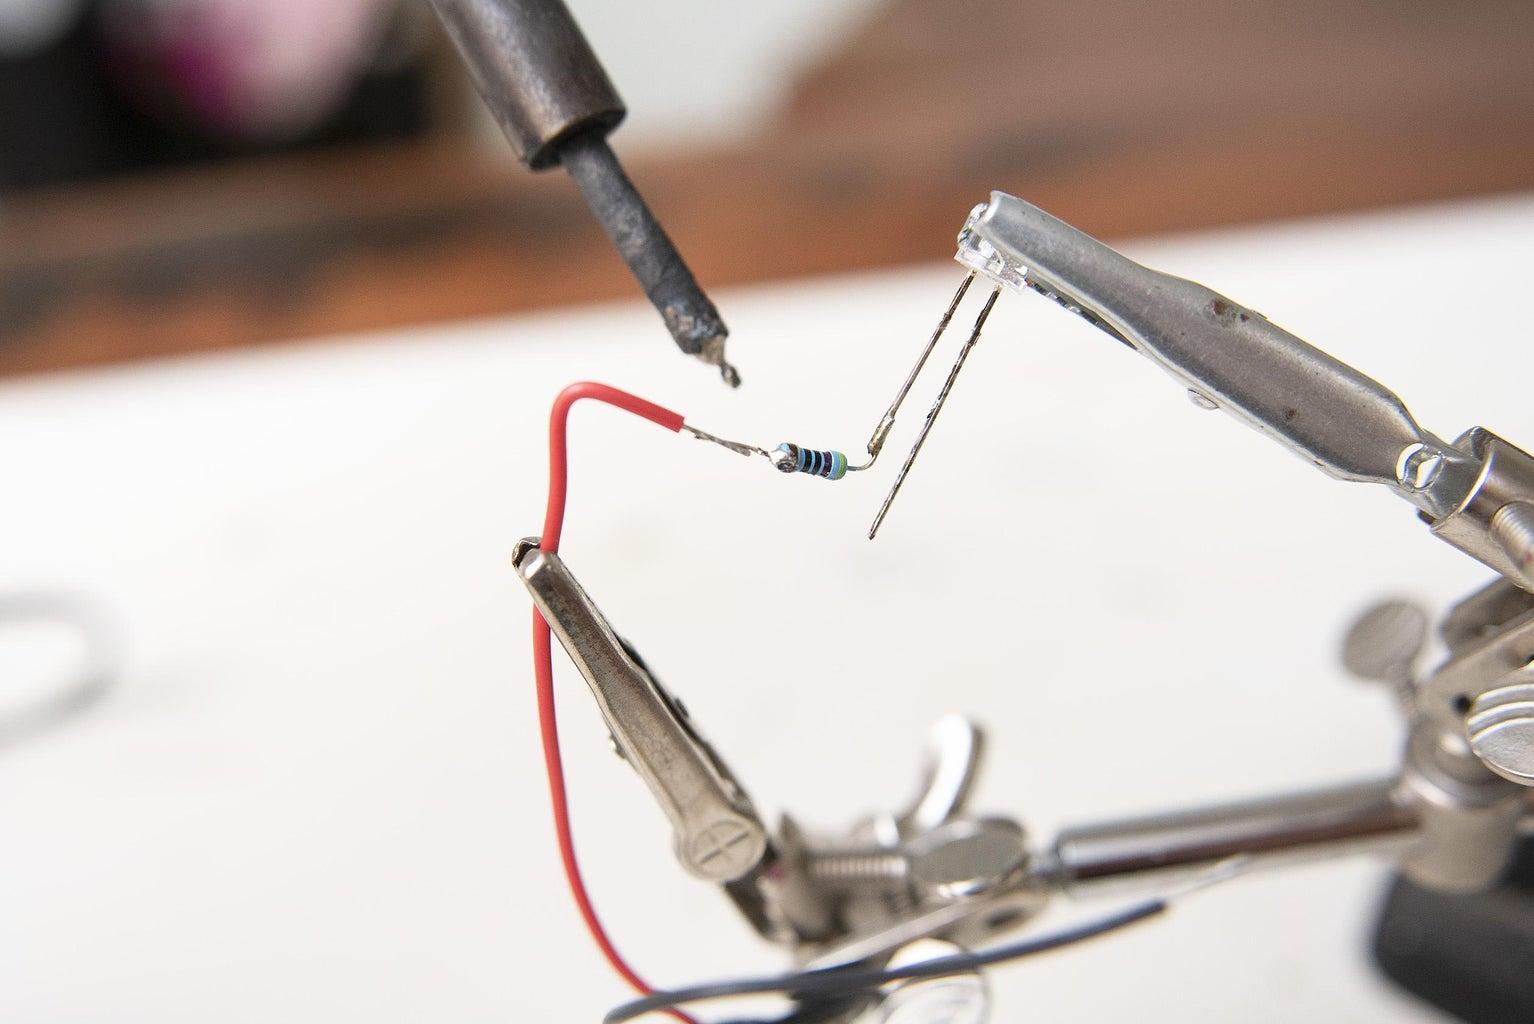 Solder Led and Resistor Together